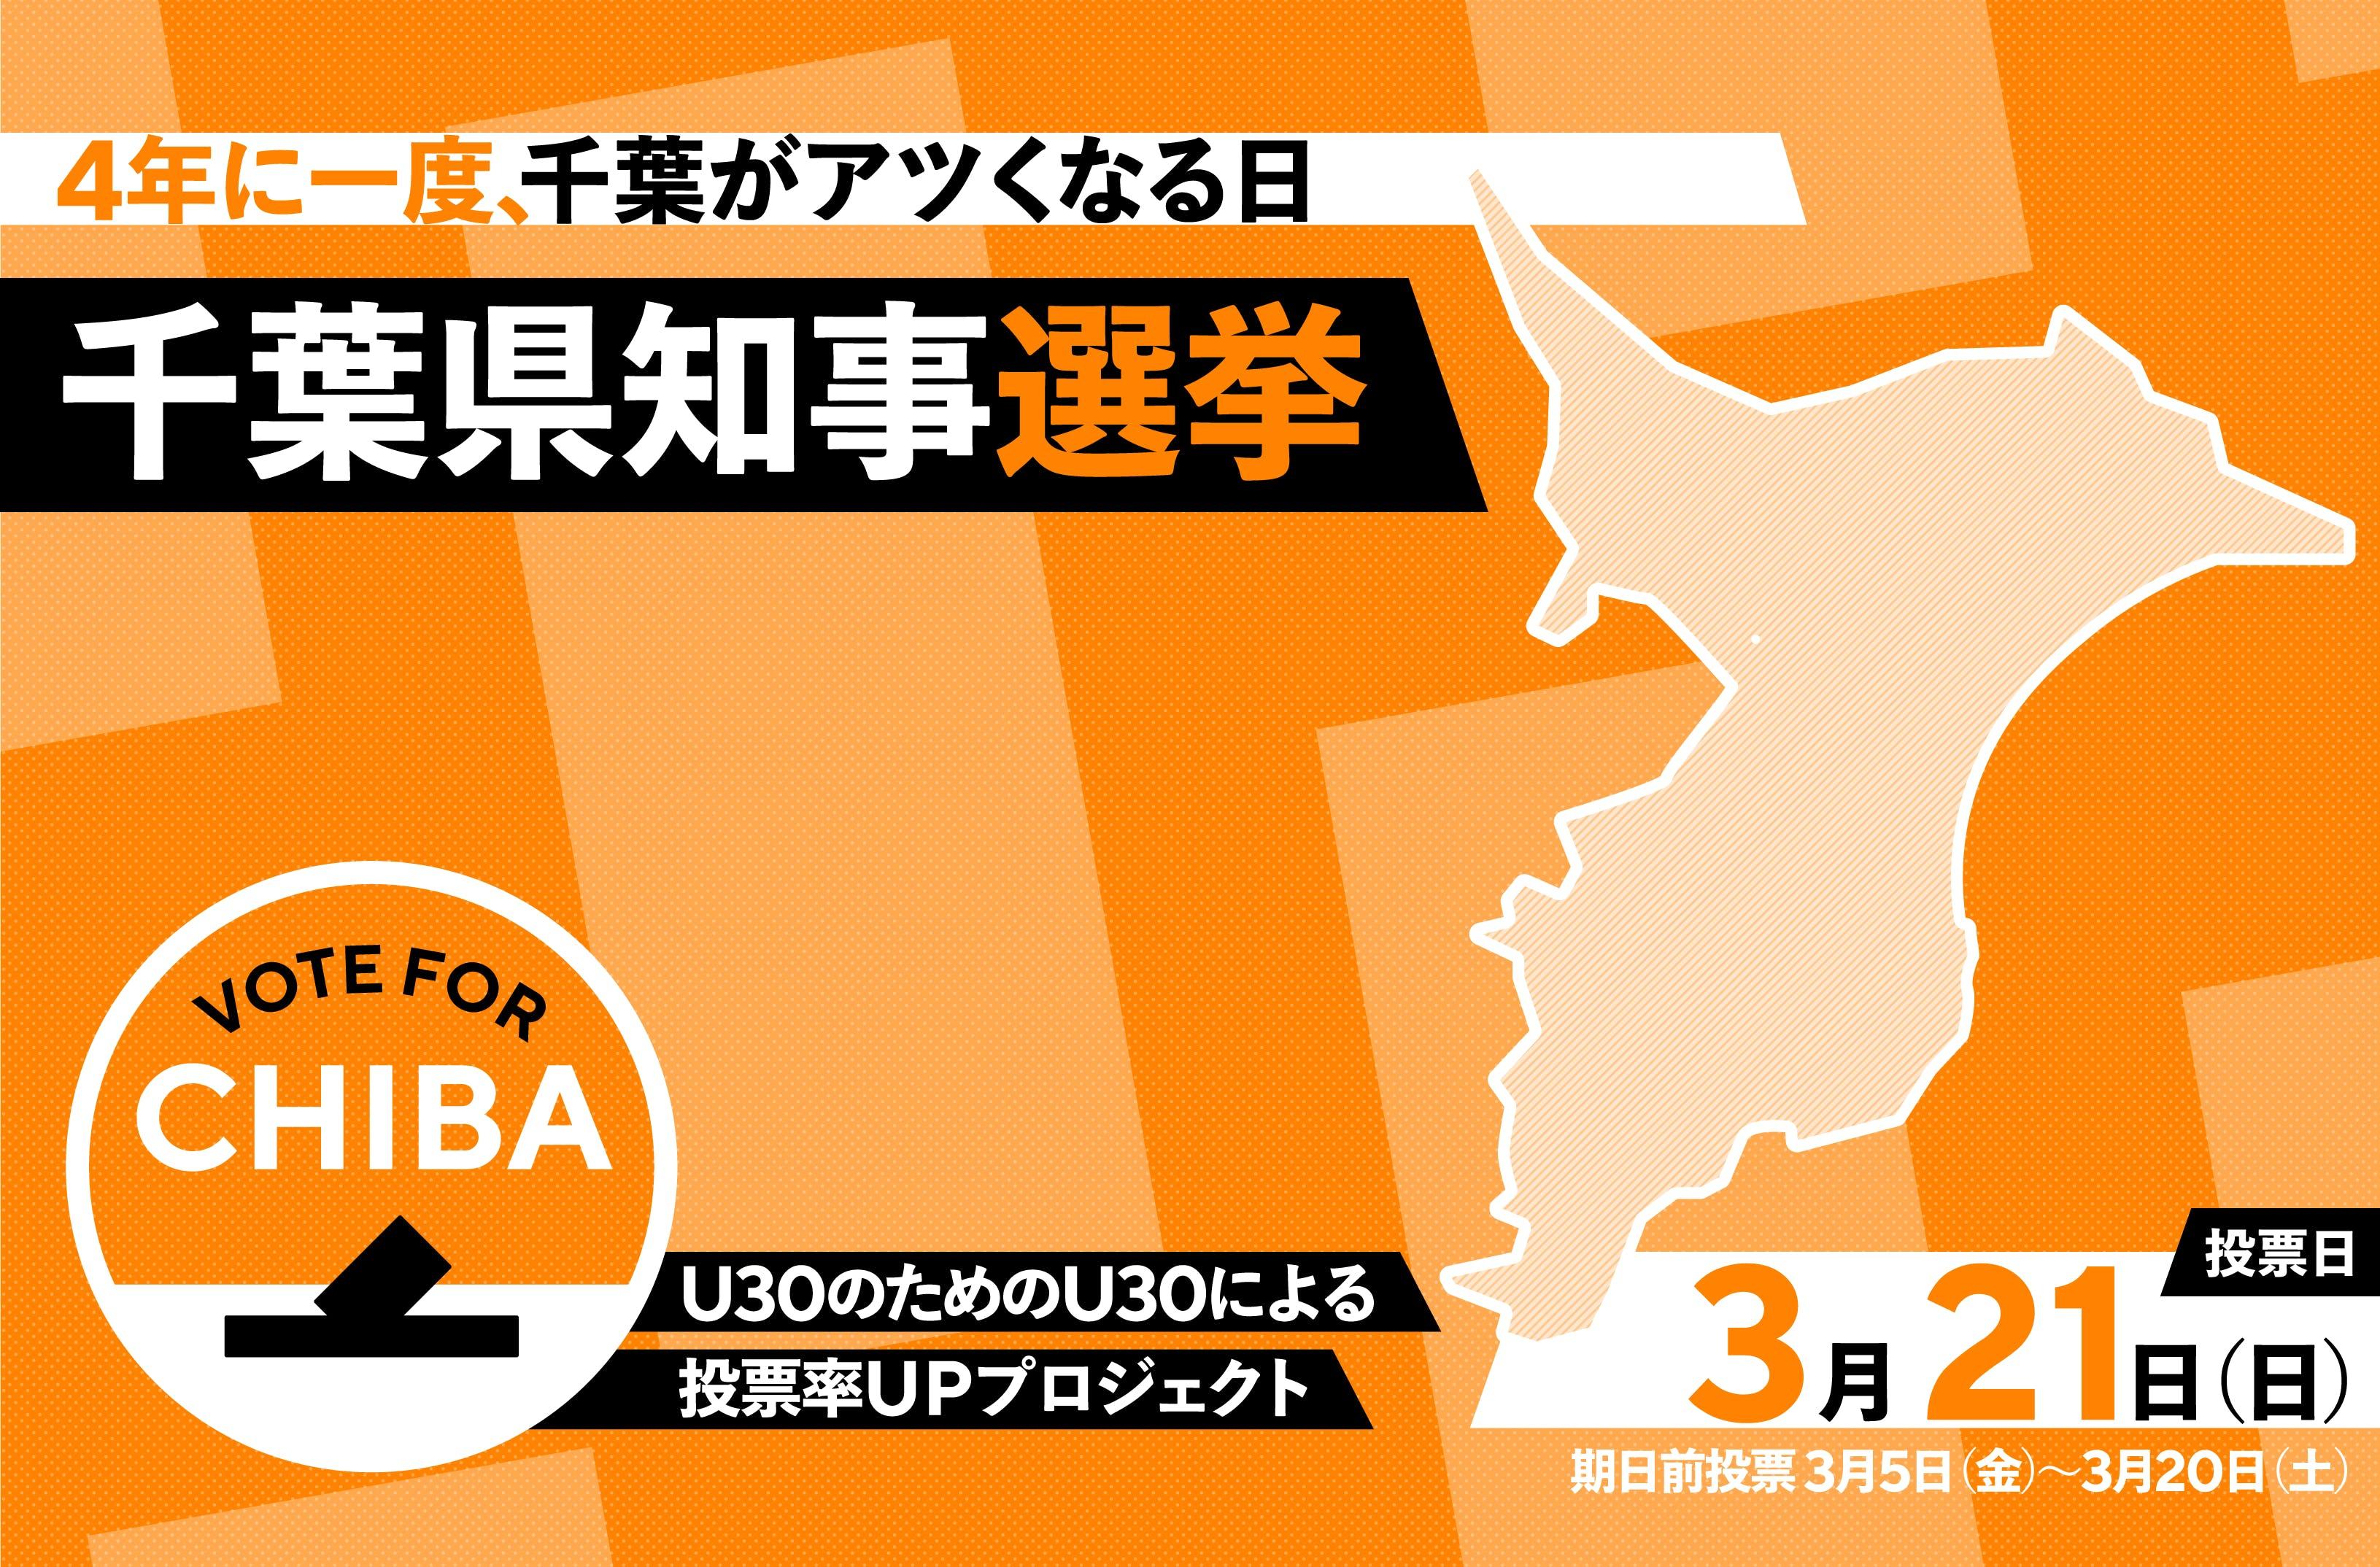 千葉県知事選挙で若い世代の投票率を上げたい!#VOTEFORCHIBA ...